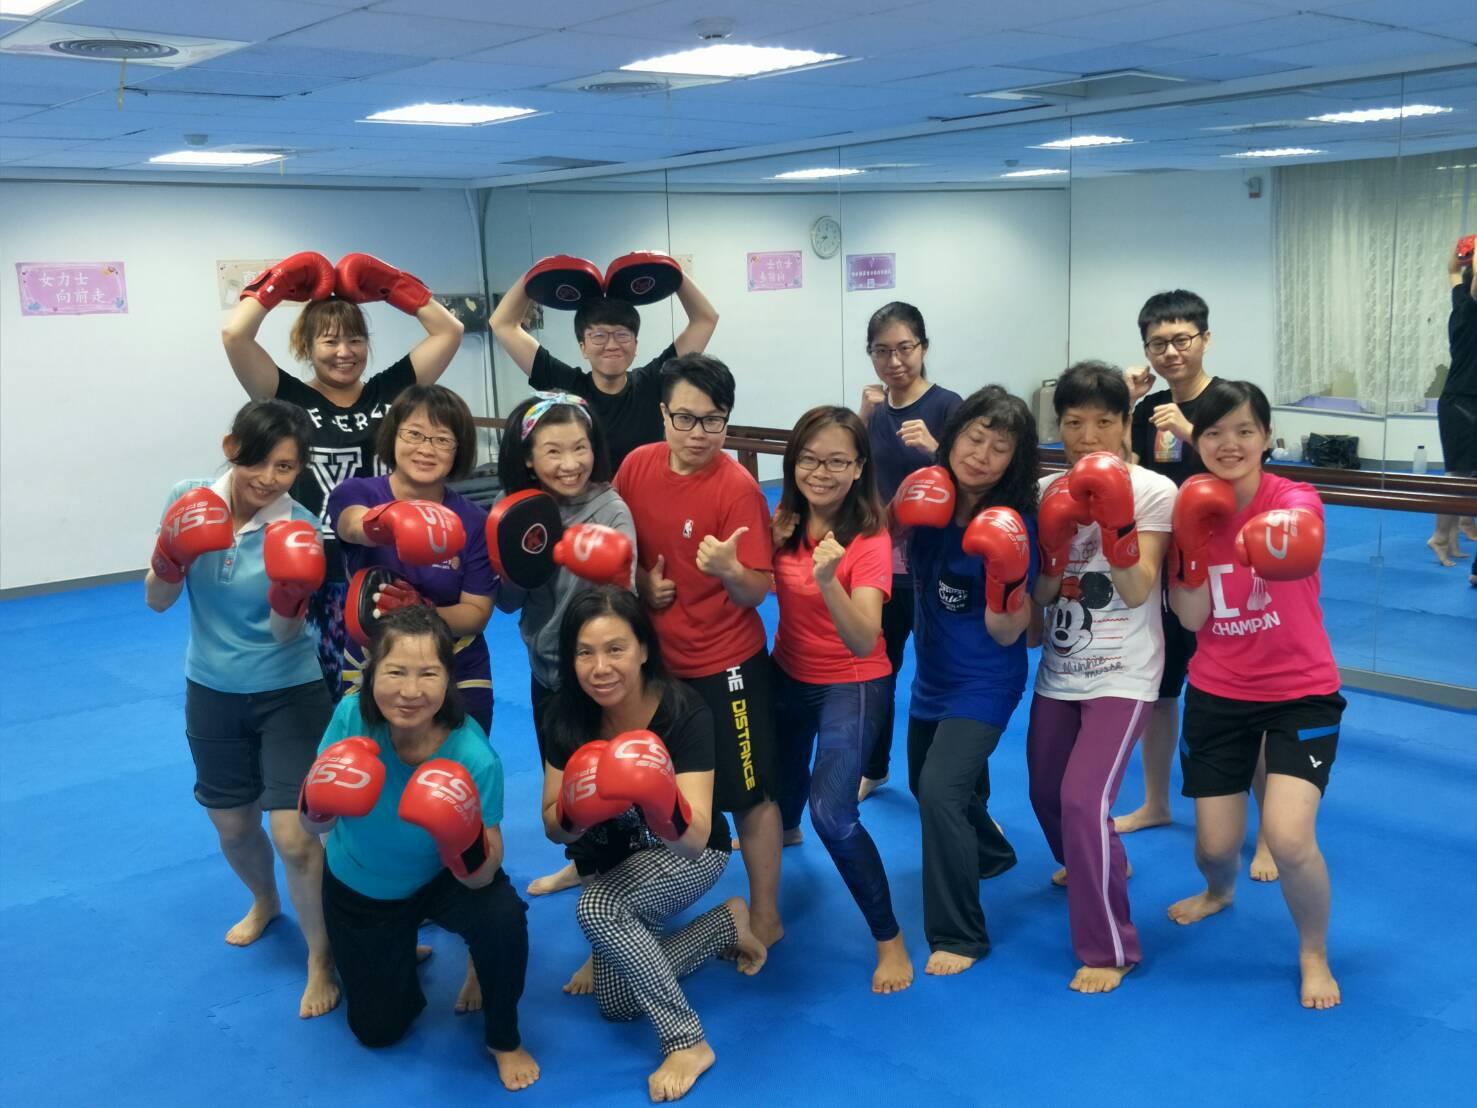 揮女拳‧談女權-婦女拳擊體適能-初階拳擊訓練班